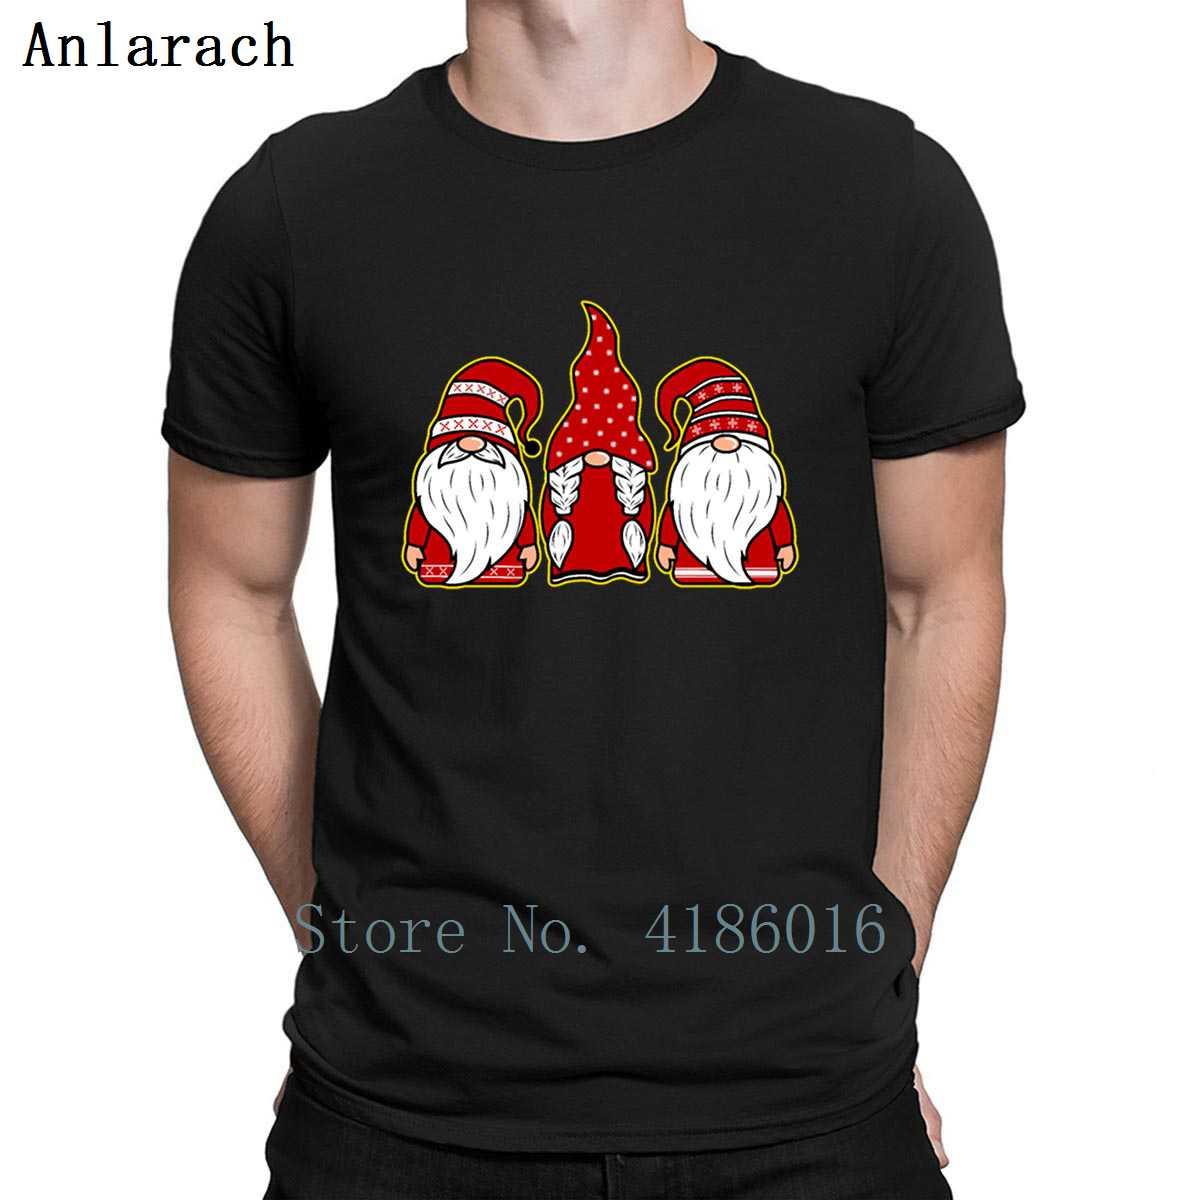 Camiseta del Humor de los enanos de los Amigos del Gimp con las barbas largas del Humor de las letras nuevo estilo de algodón traje de primavera otoño cuello redondo crear camisa